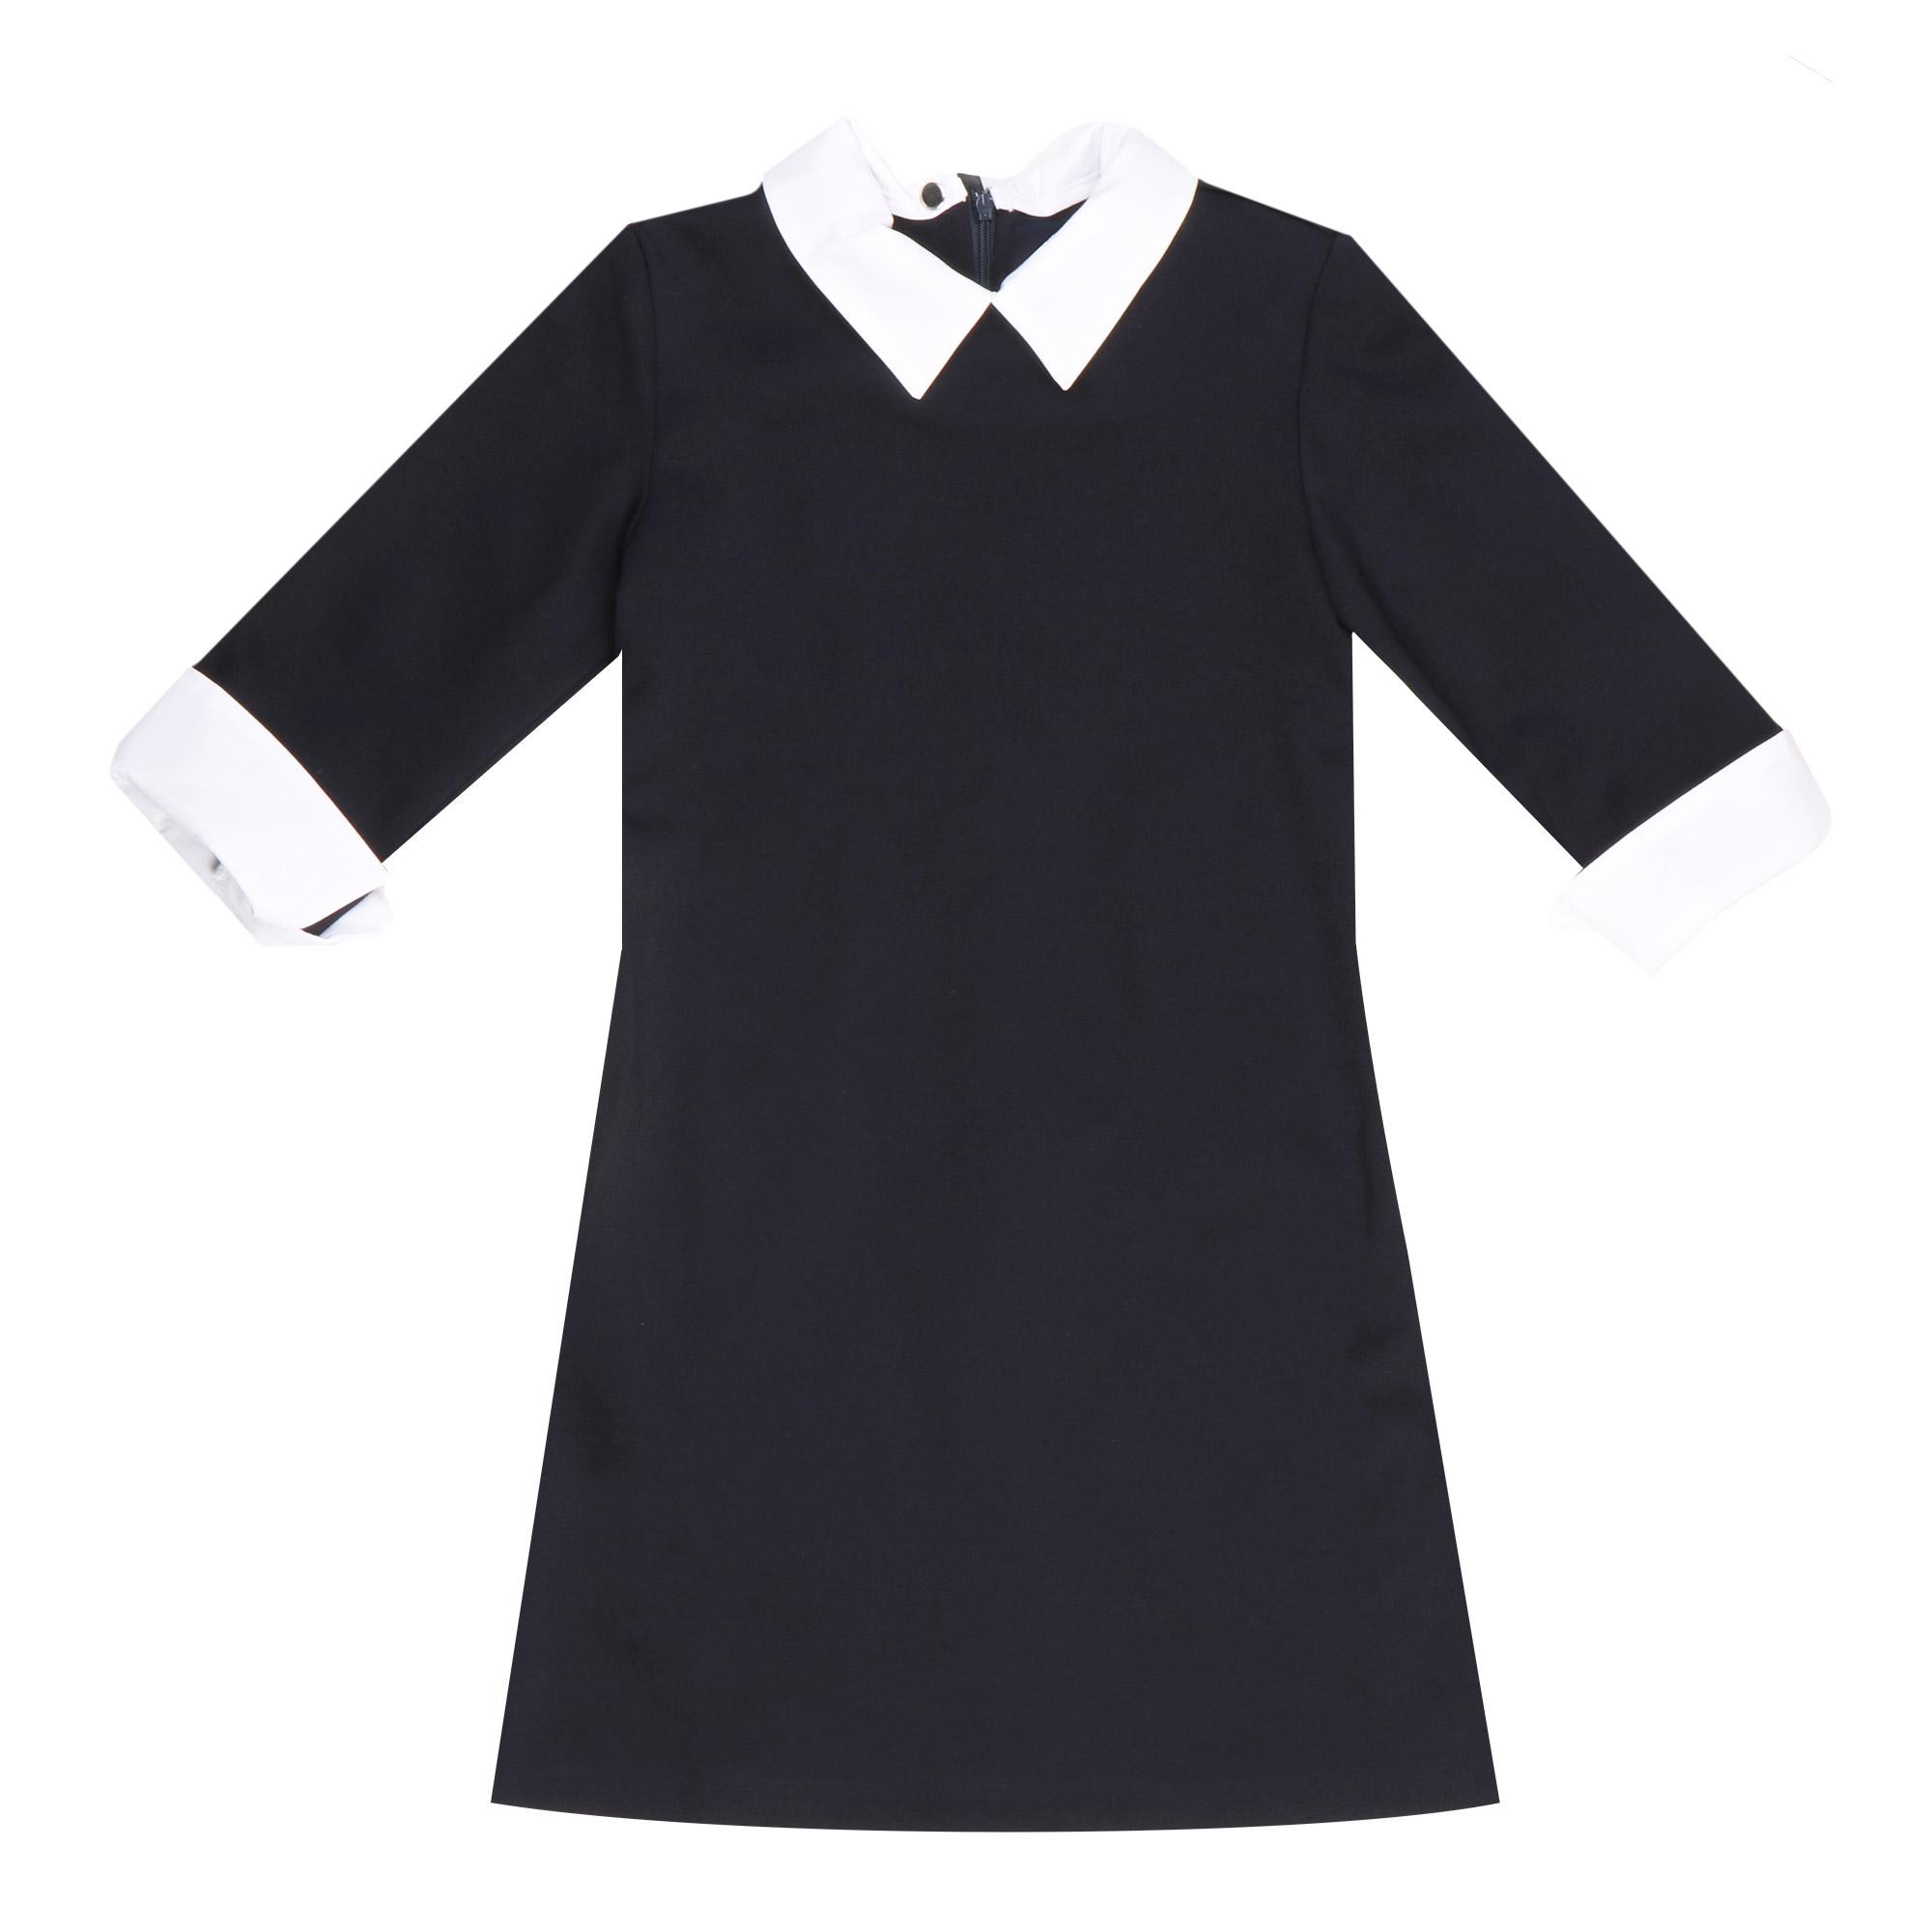 Купить Платье трикотажное Смена синее 152/76, Smena/Смена, Синий, Основной материал: Вискоза-67%, Полиэстер-28%, Полиуретан-5% Дополнительный материал: Хлопок-55%, Полиэстер-45%, Для девочек, Всесезонный,